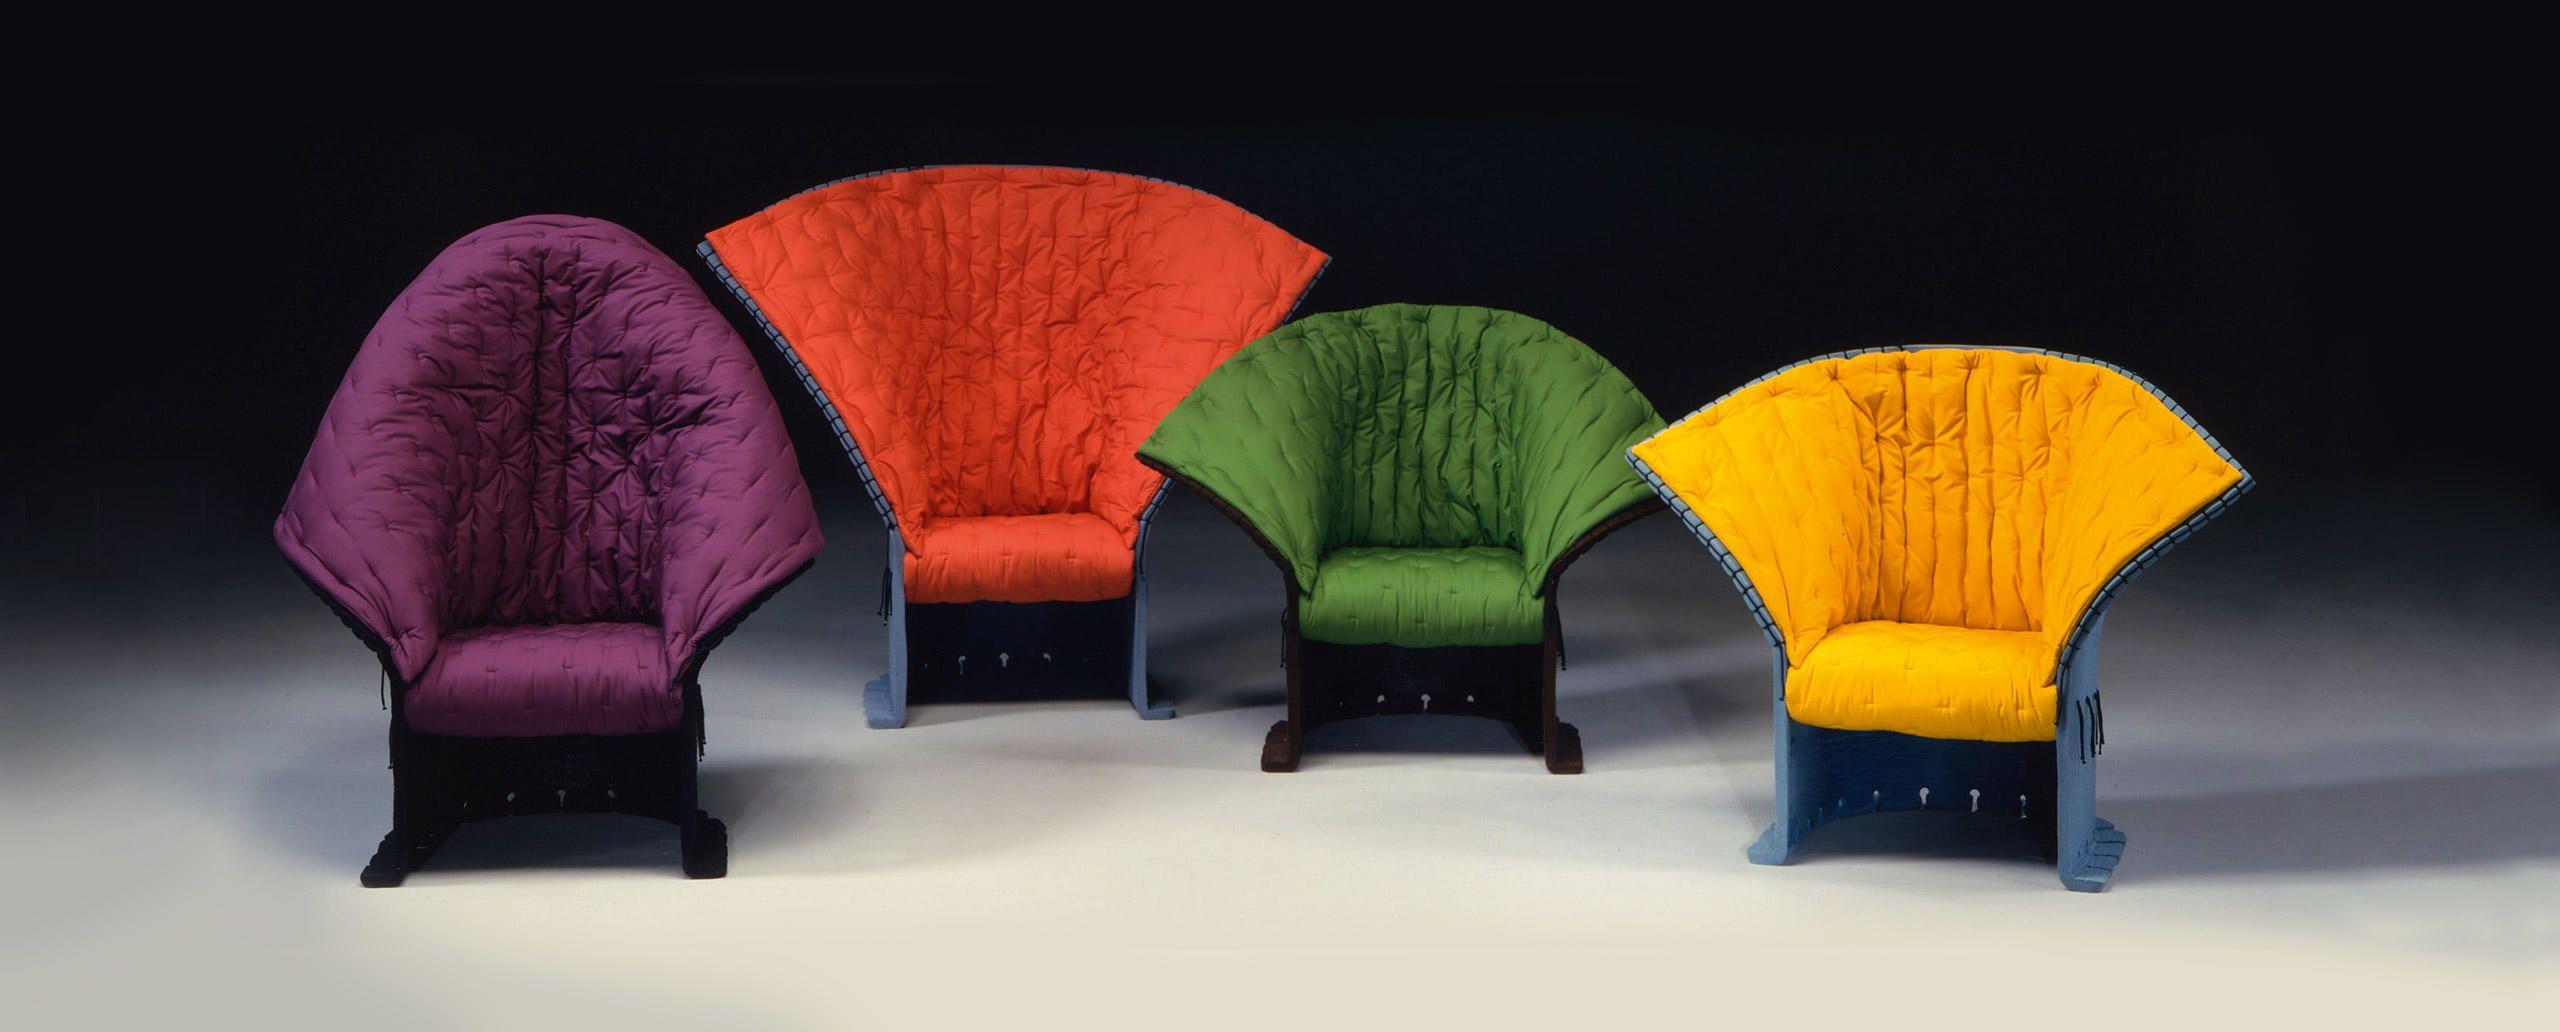 25600dbd573bf2853121e5150ca0af99 Impressionnant De Chaise En Palette Schème